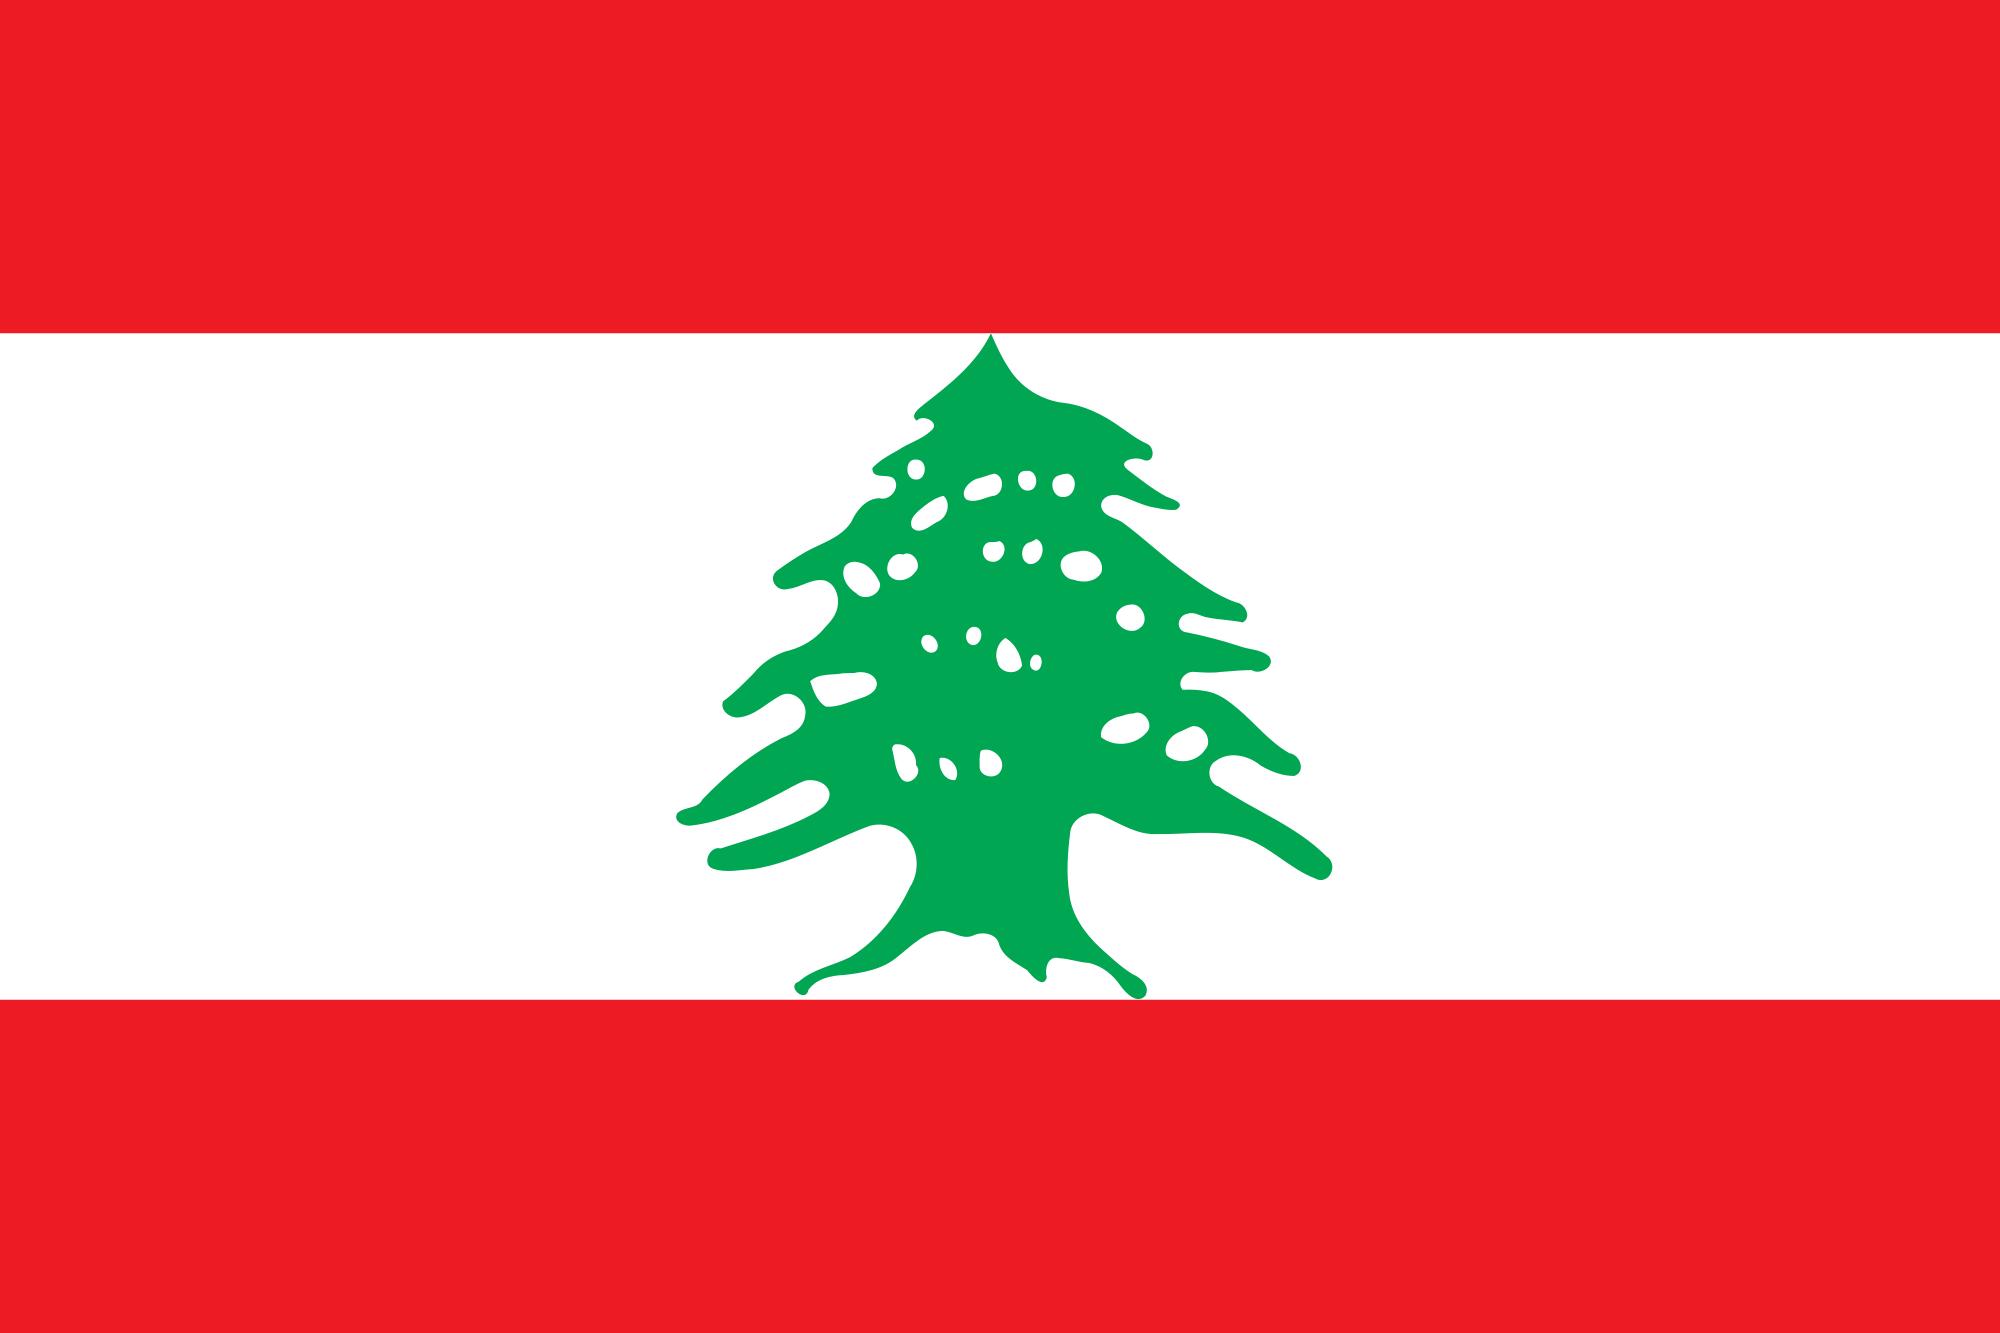 لبنان (Lebnon)